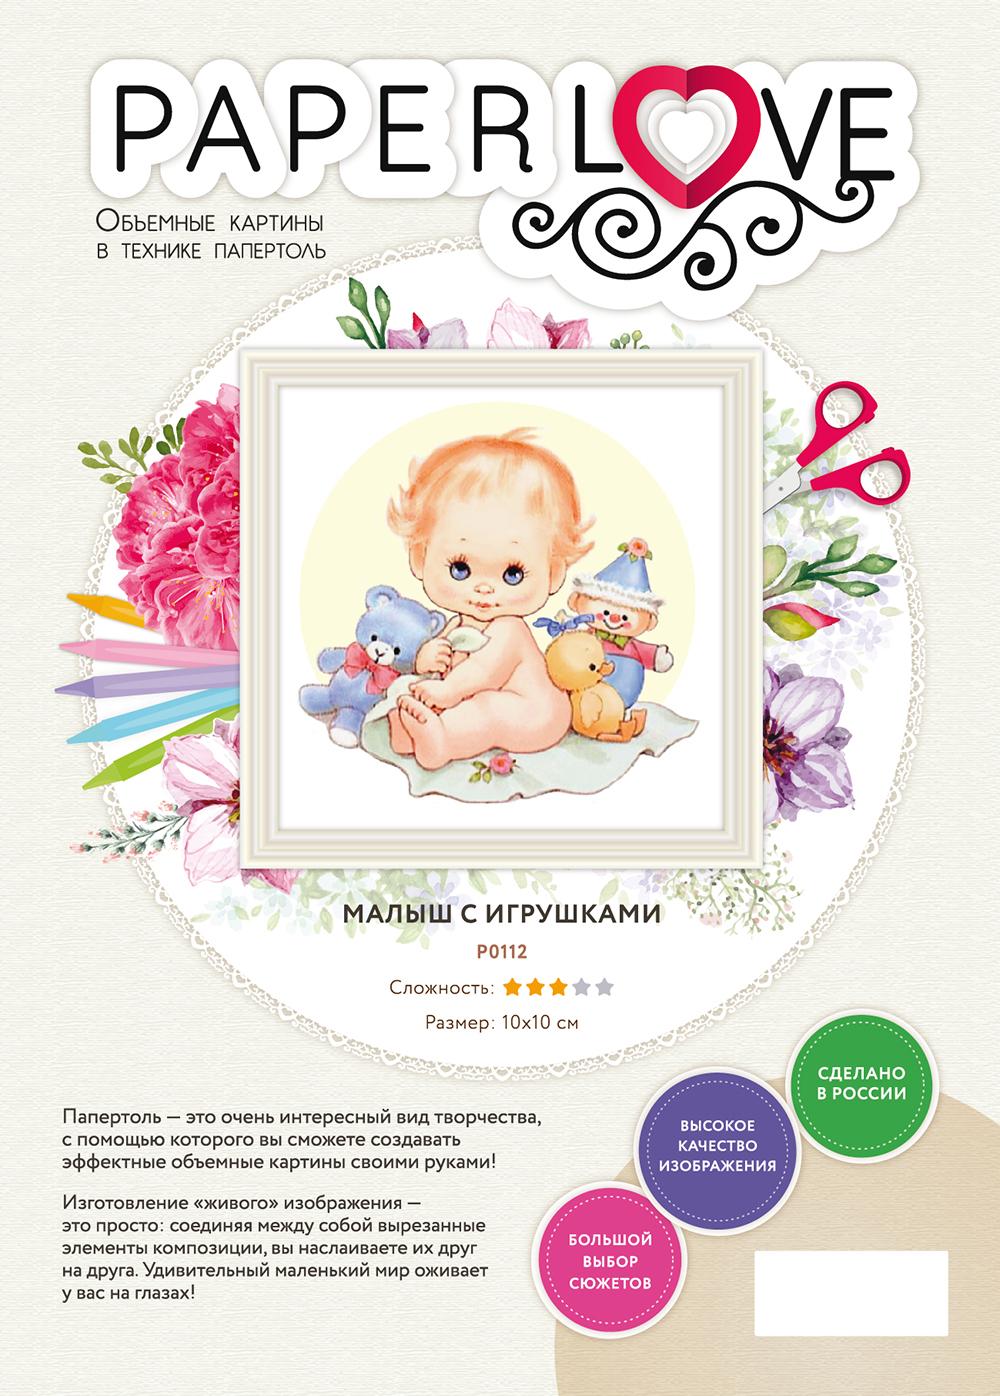 Папертоль Малыш с игрушками — фотография обложки.